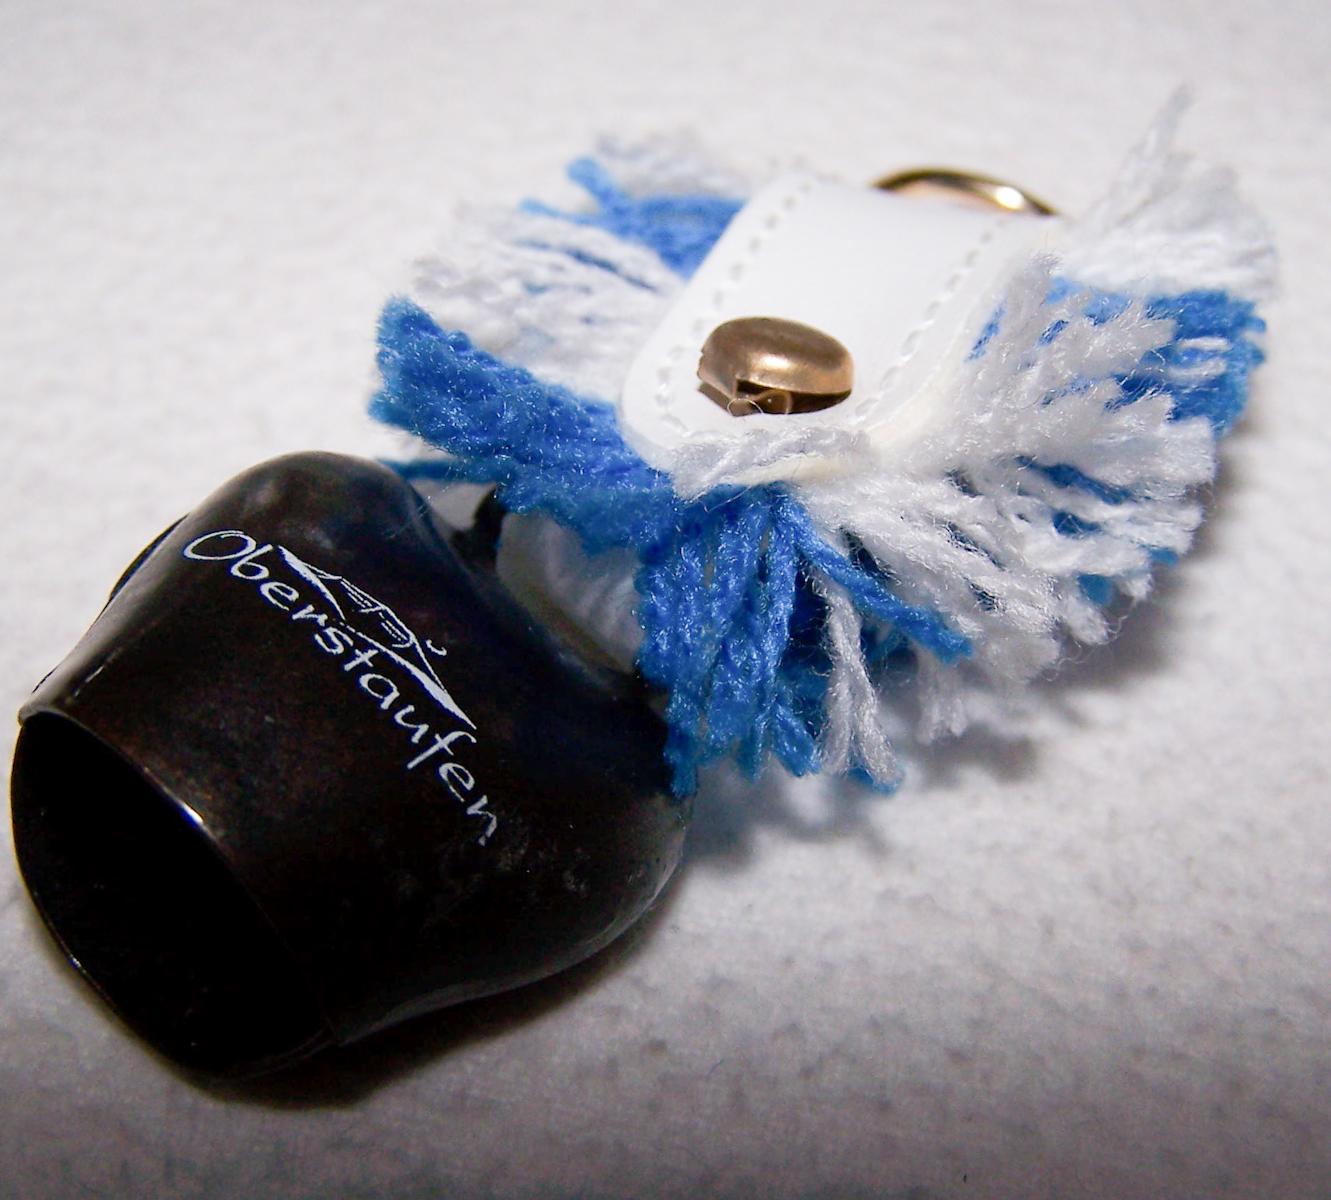 Haushalt - Sicherheit - Schlüsselanhänger - Oberstaufen mit Kuhglocke